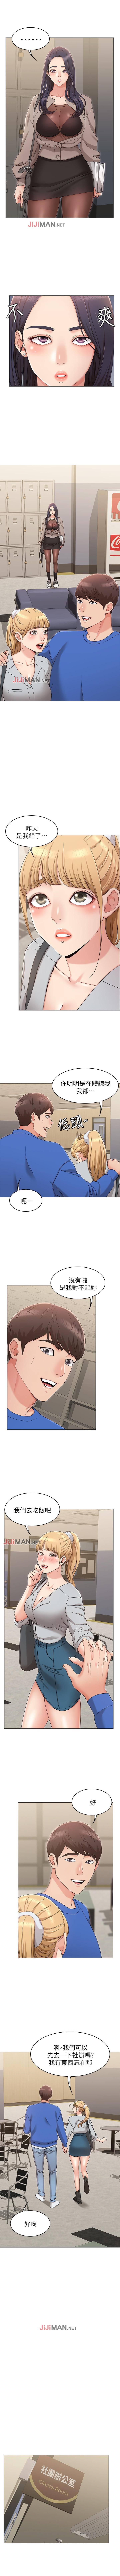 【周六连载】女友的姐姐(作者:橡果人&獵狗) 第1~14话 64